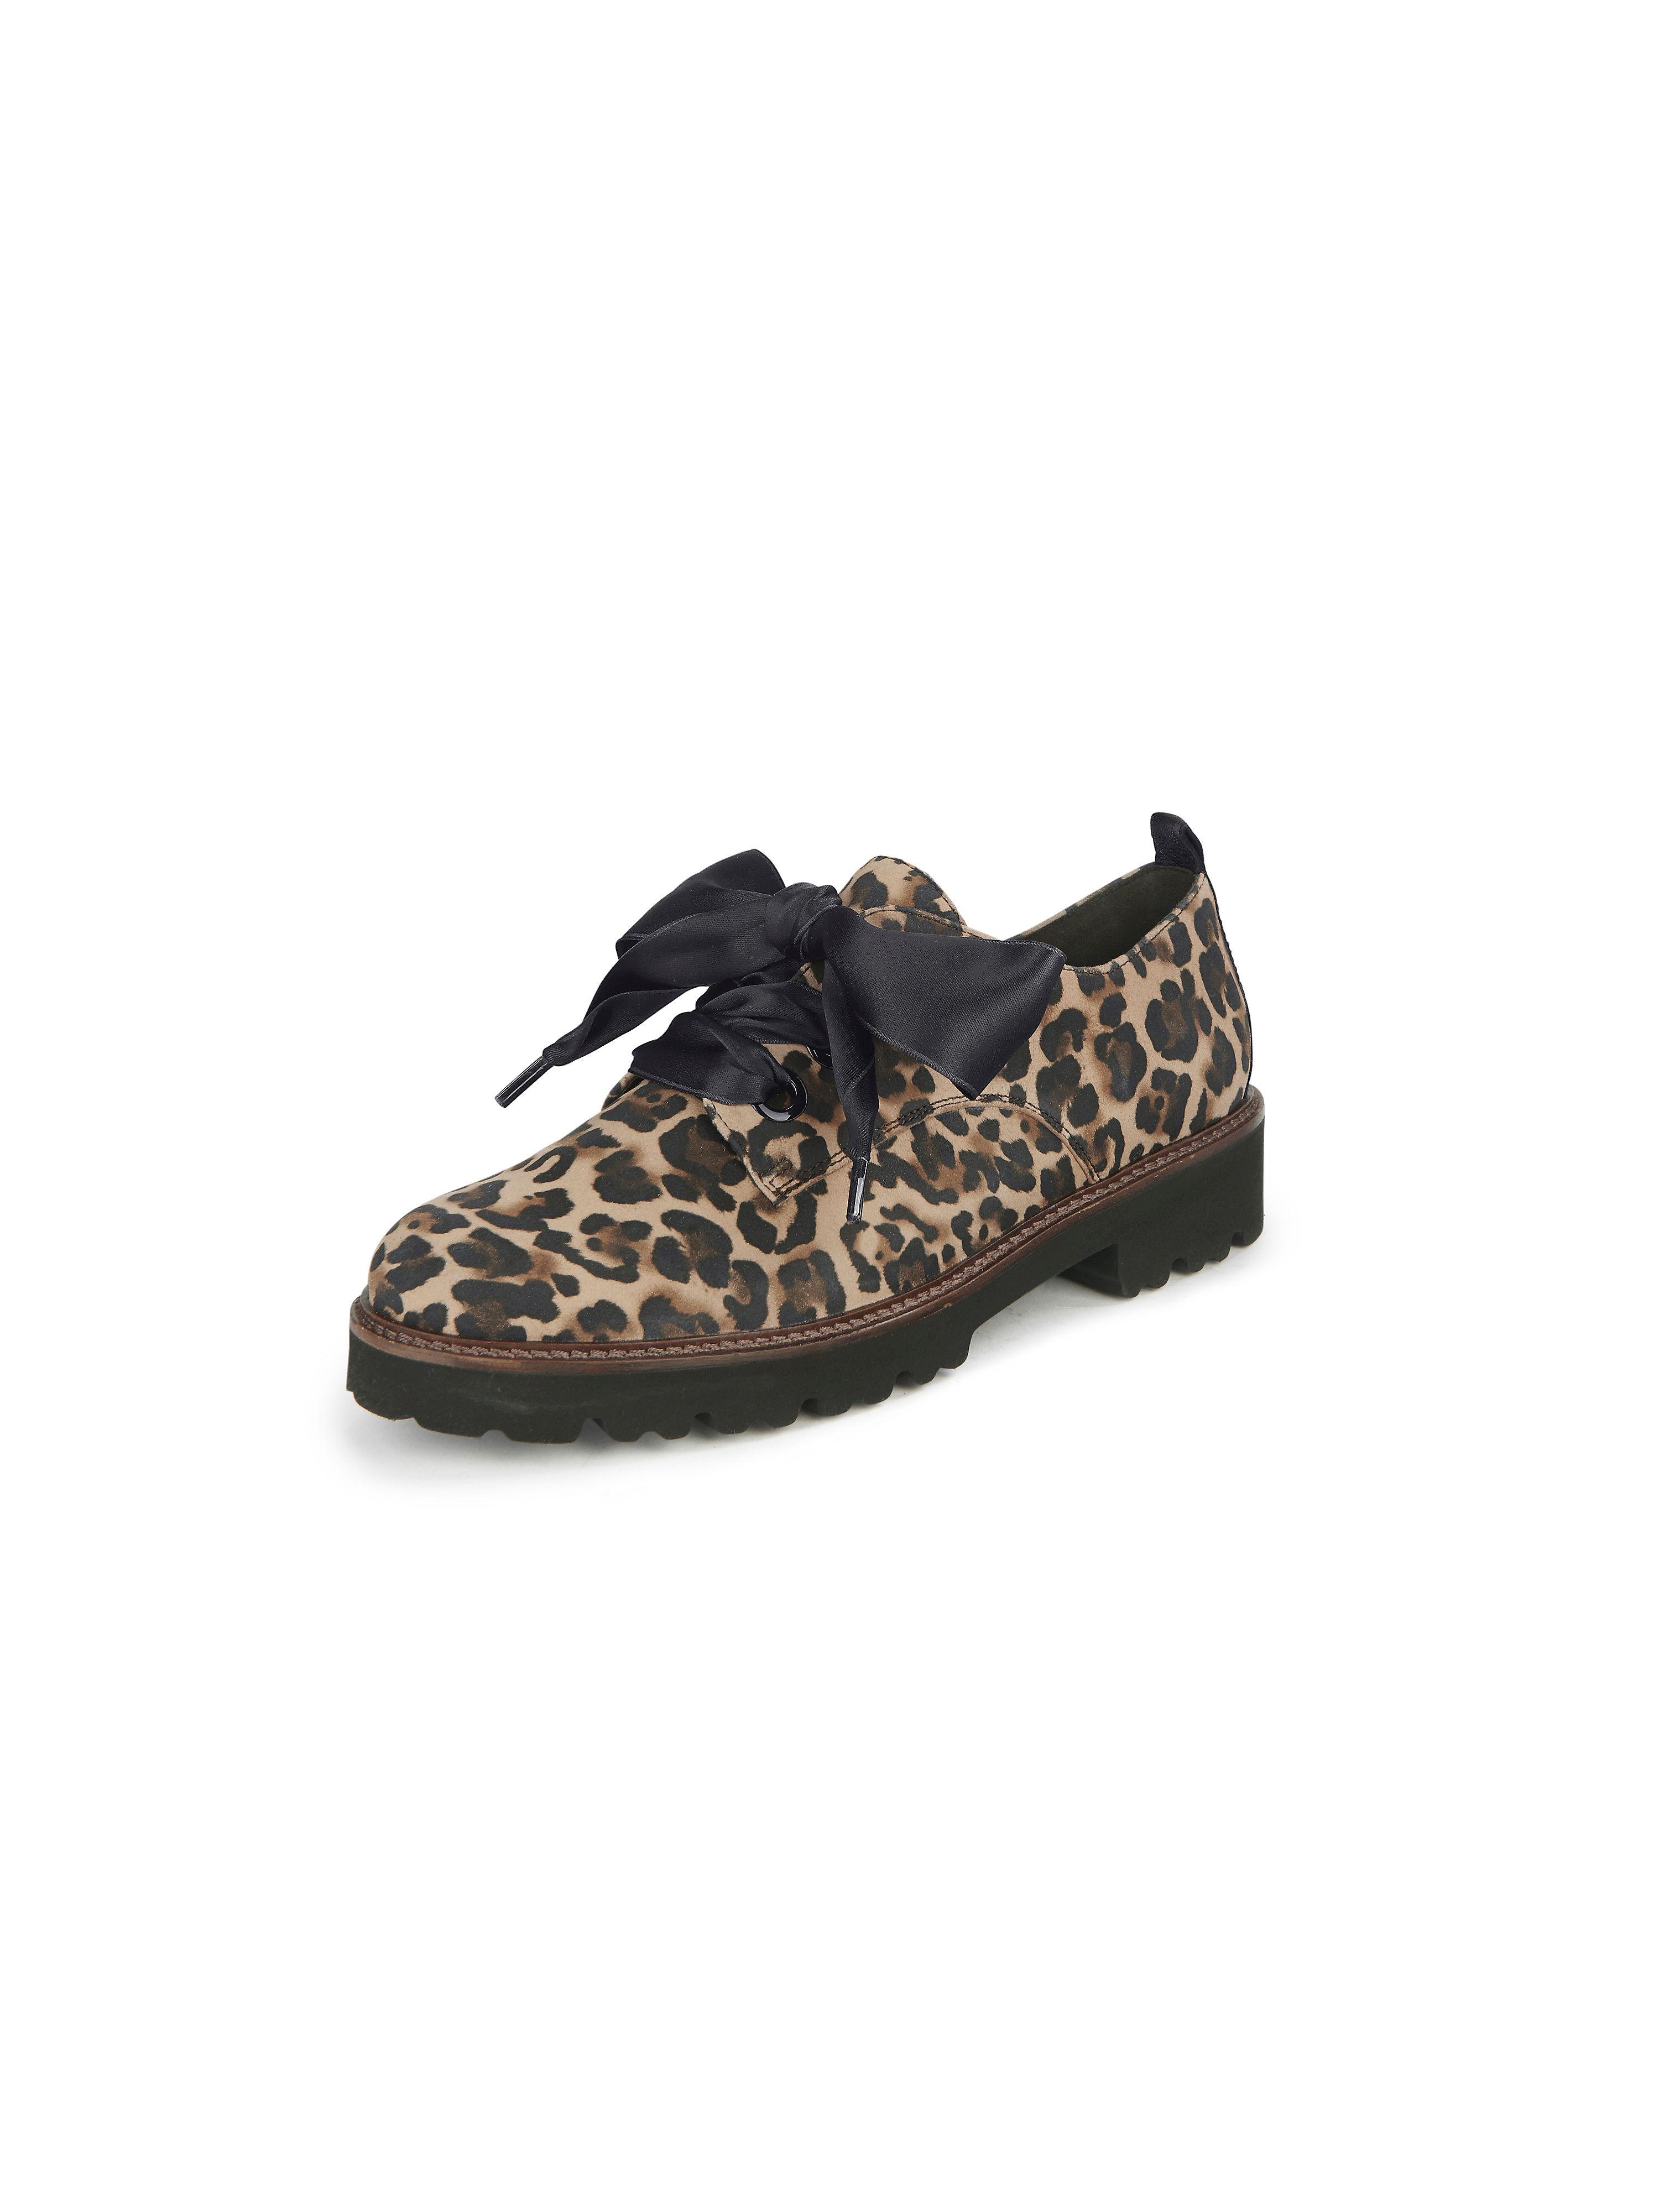 buy best cheap prices fantastic savings Schuhe online günstig kaufen über shop24.at | shop24